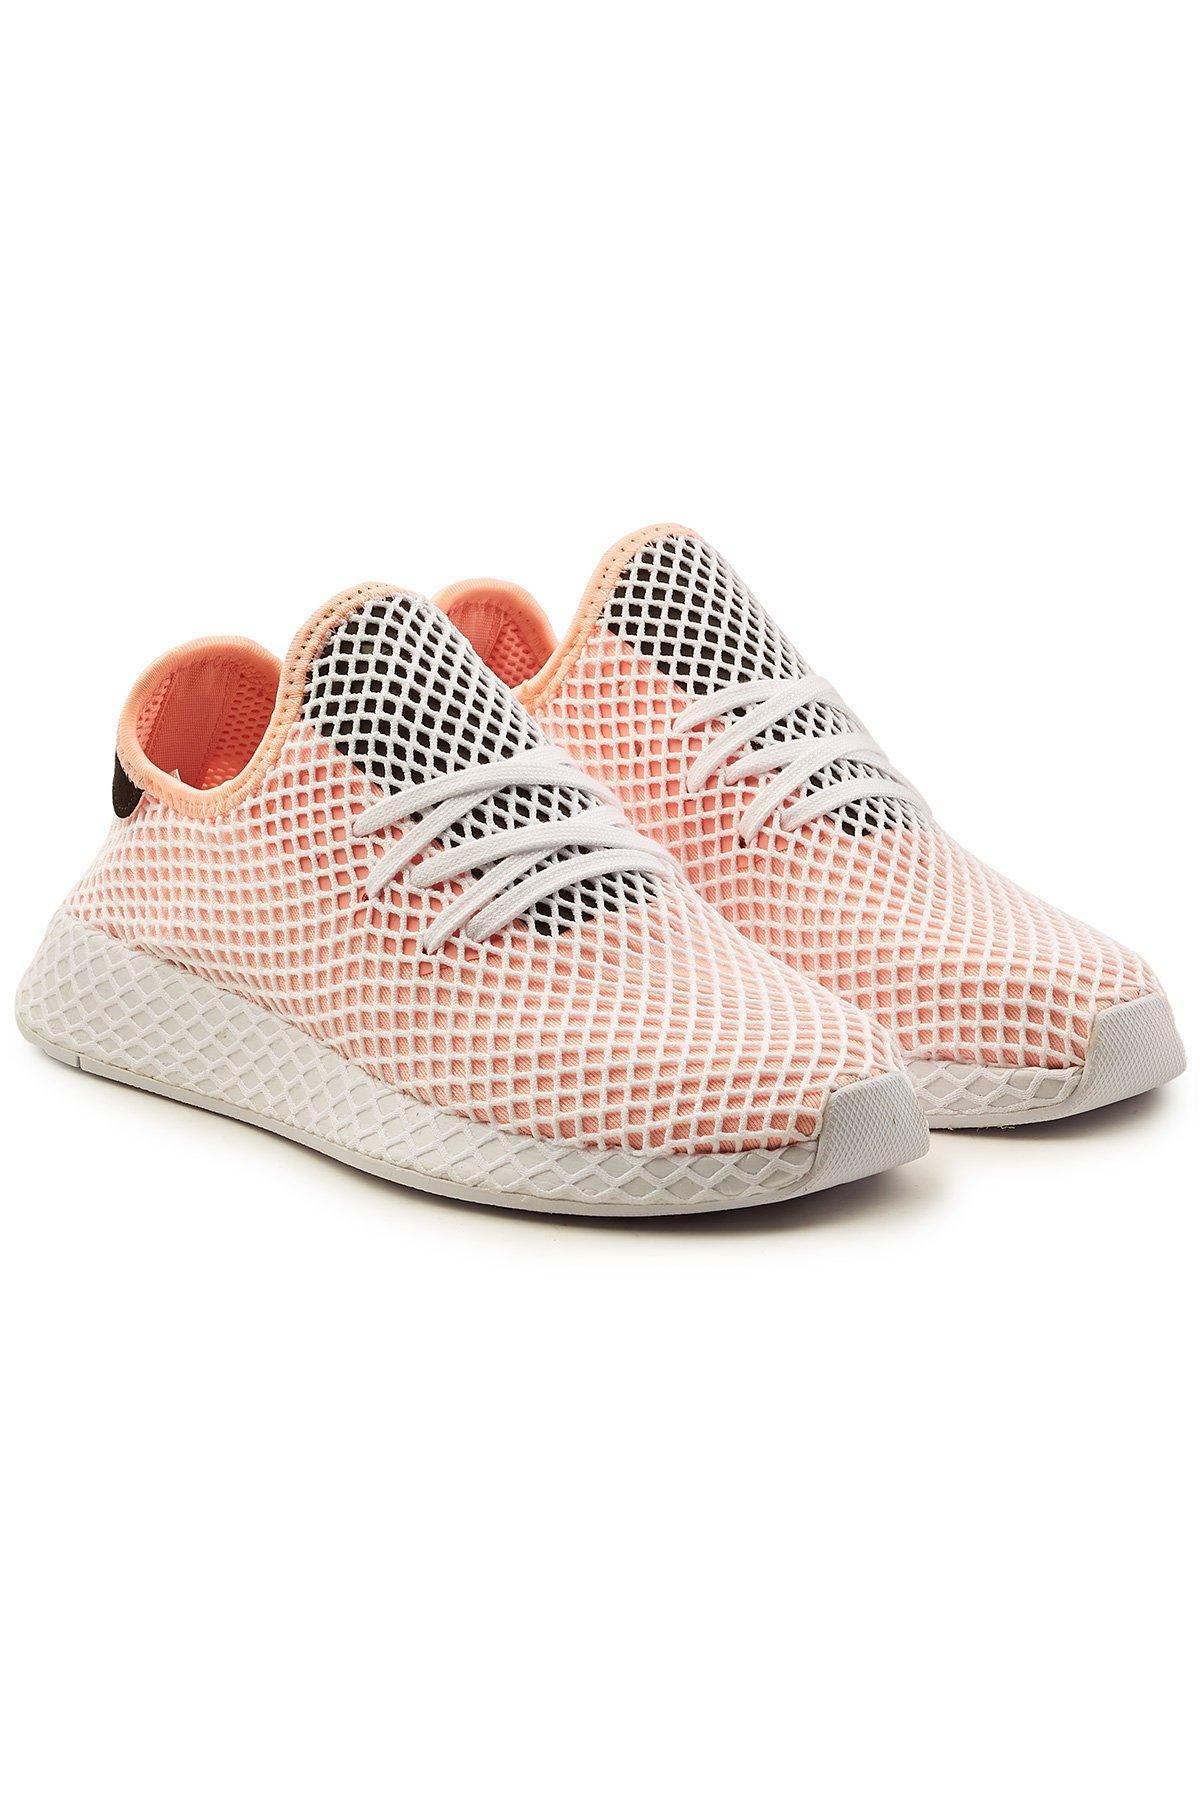 Deerupt Runner Sneakers Gr. UK 6